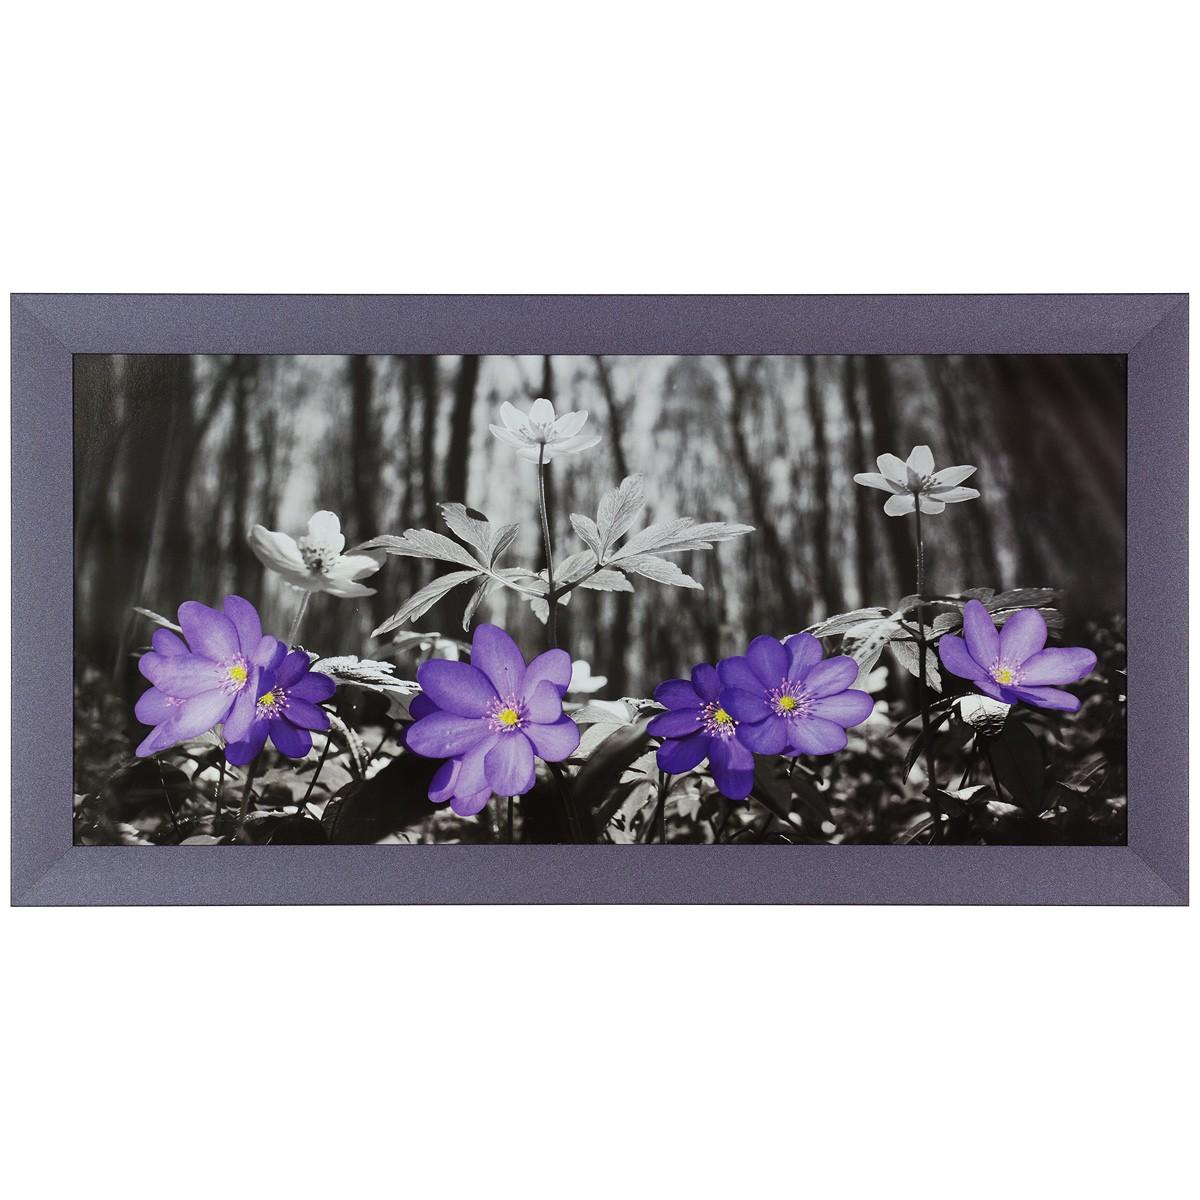 Fotodruck Bilder gerahmt 33x70cm Blumen Wald schwarz weiß